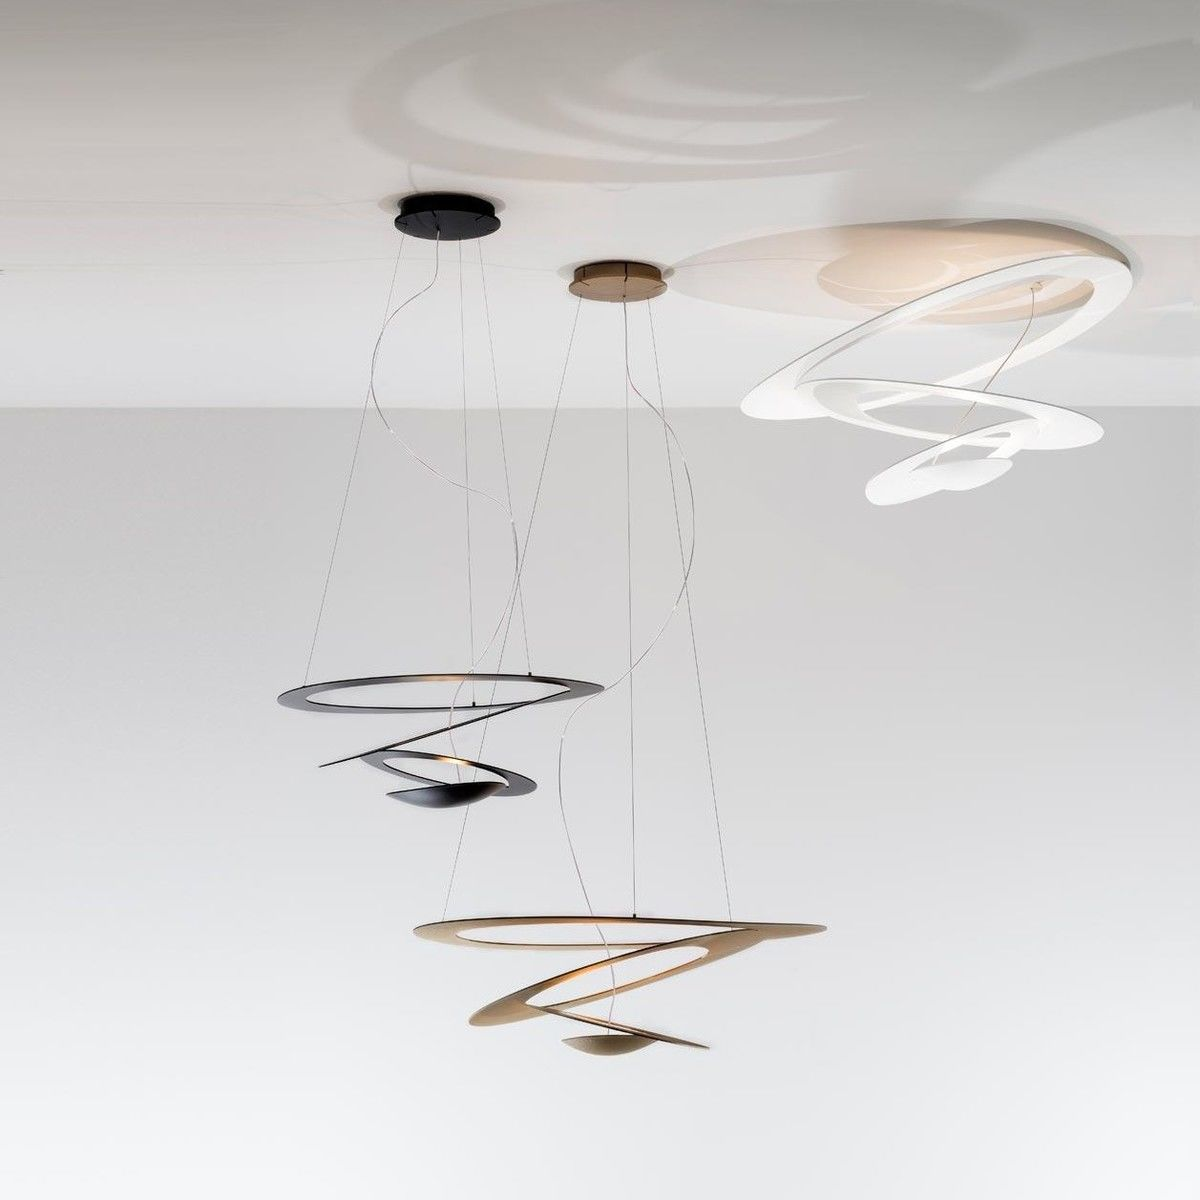 pirce mini led ceiling lamp  artemide  ambientedirectcom - artemide  pirce mini led ceiling lamp